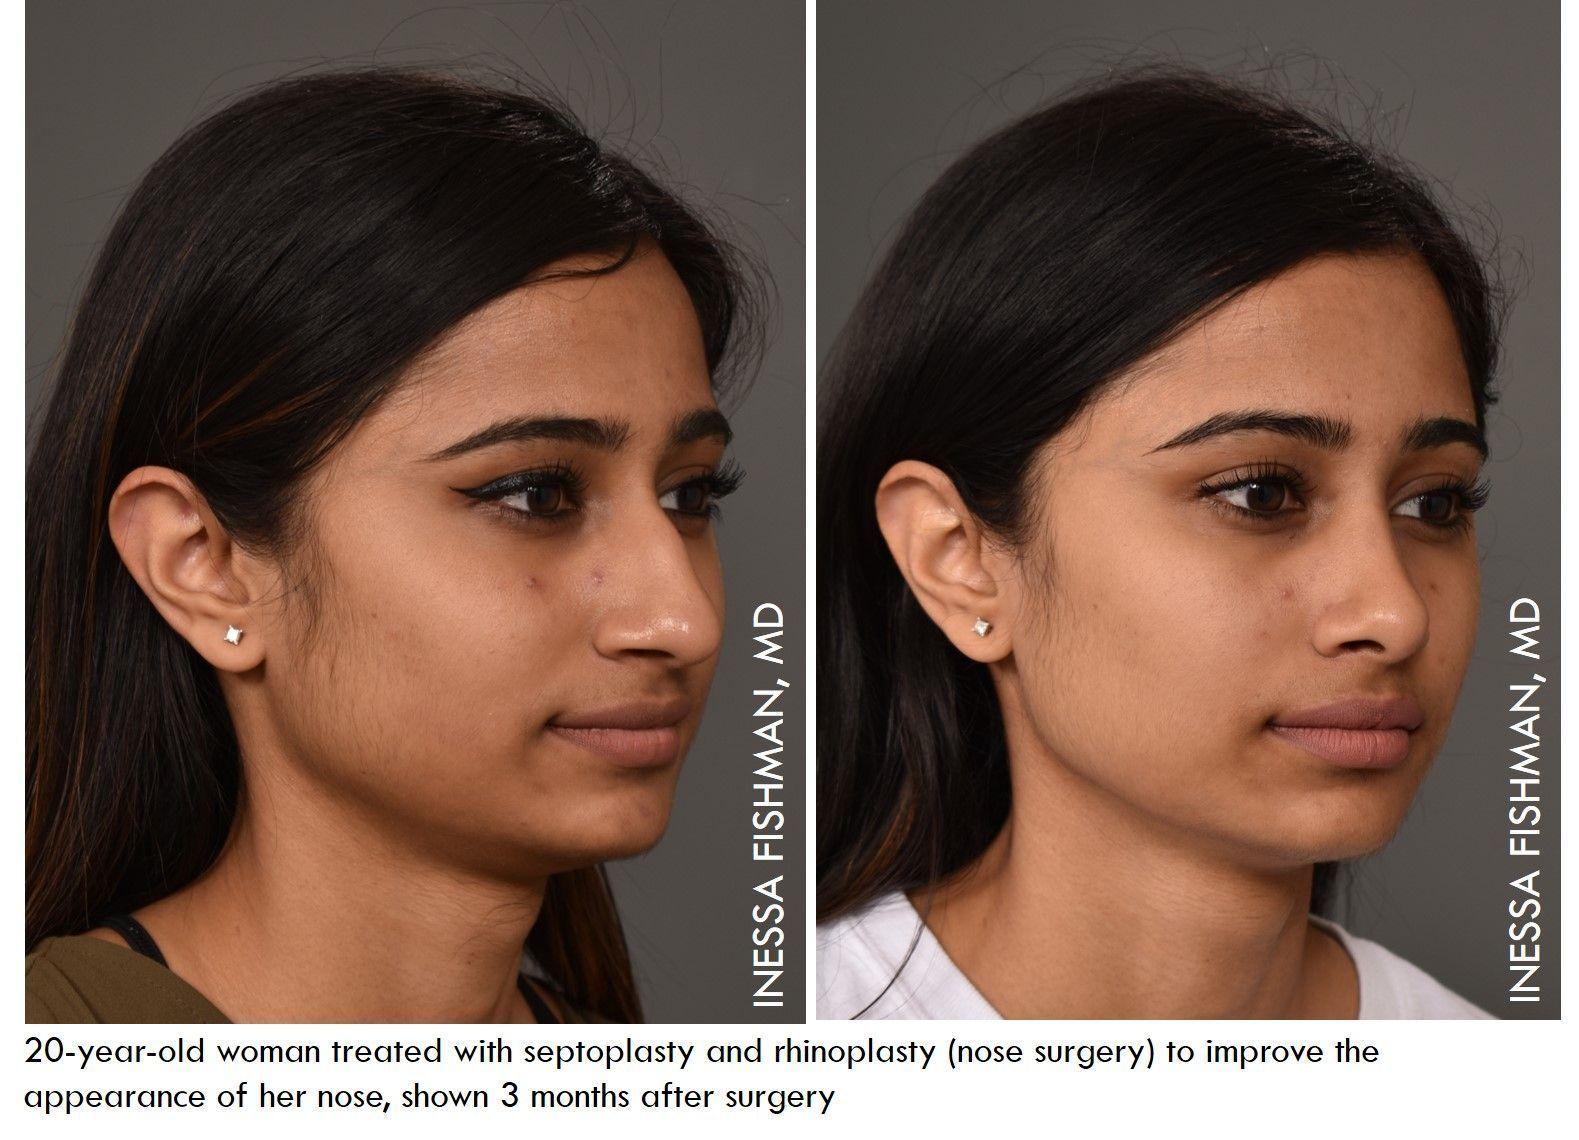 Pin Von Jody May Auf Plastic Surgery Aesthetics In 2020 Nasenkonturierung Plastische Chirurgie Gesicht